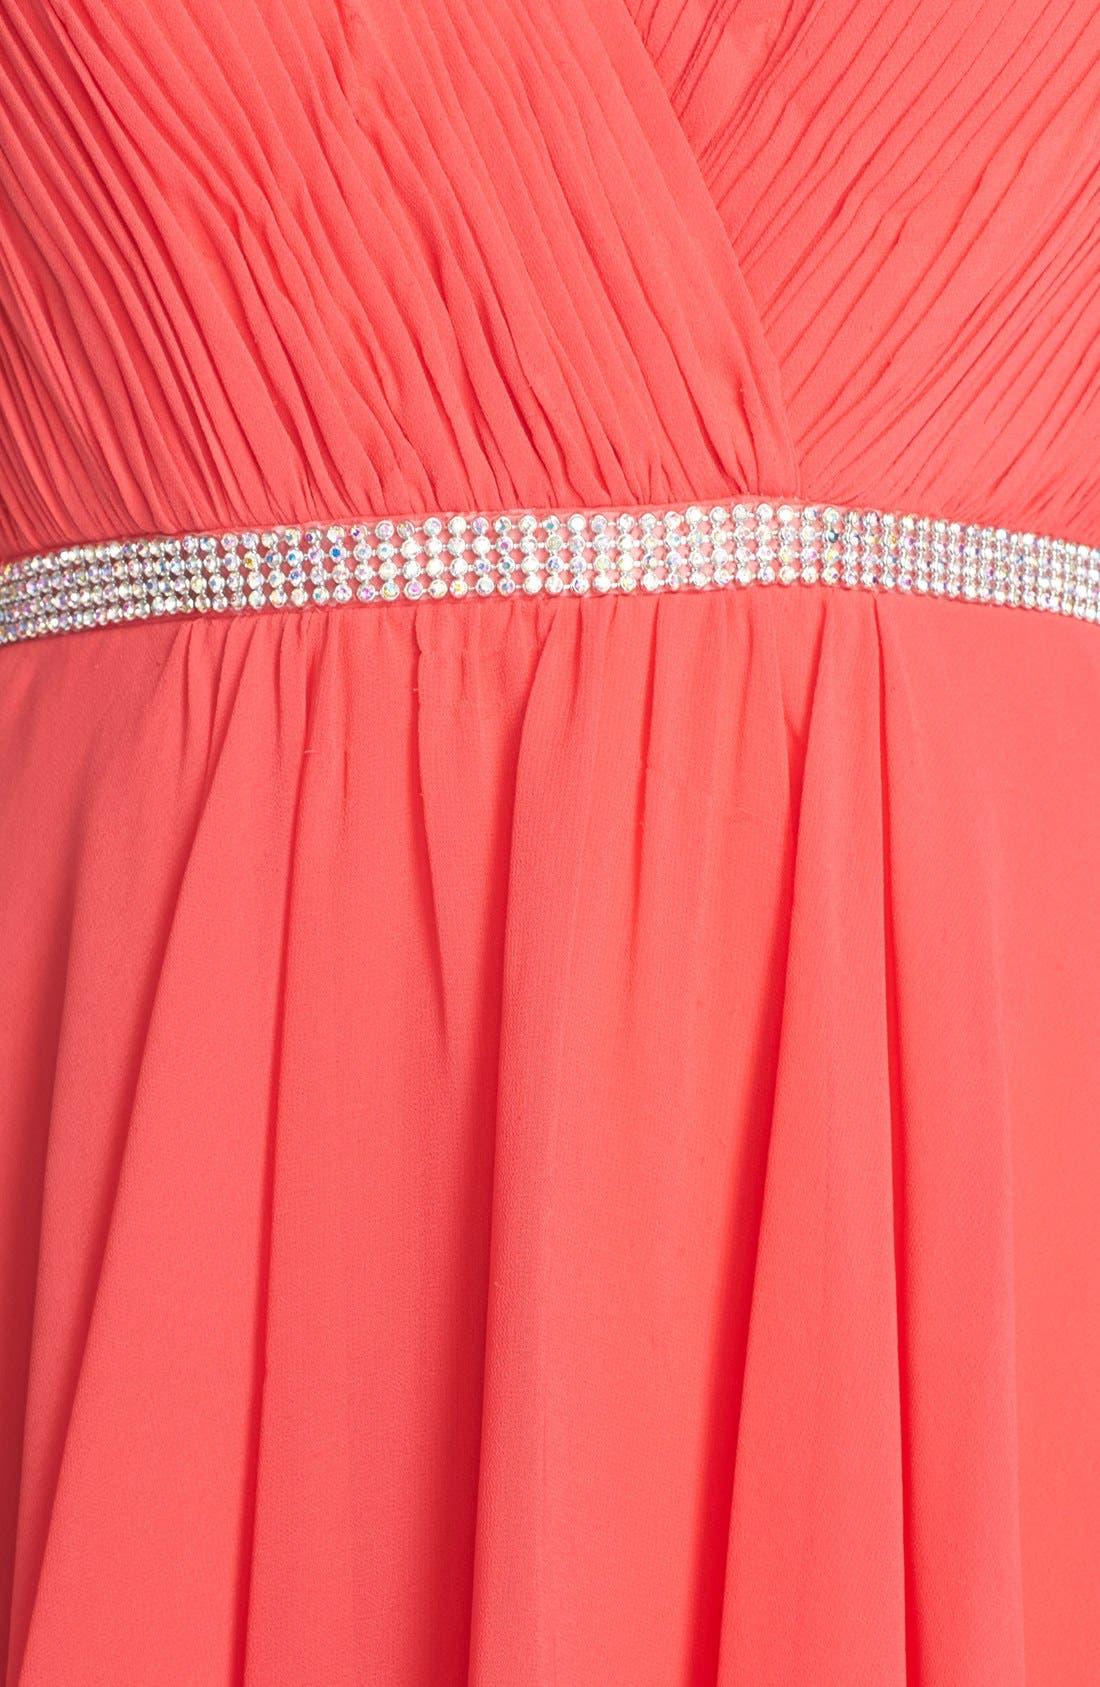 Alternate Image 5  - FavianaEmbellished Chiffon Fit& Flare Dress